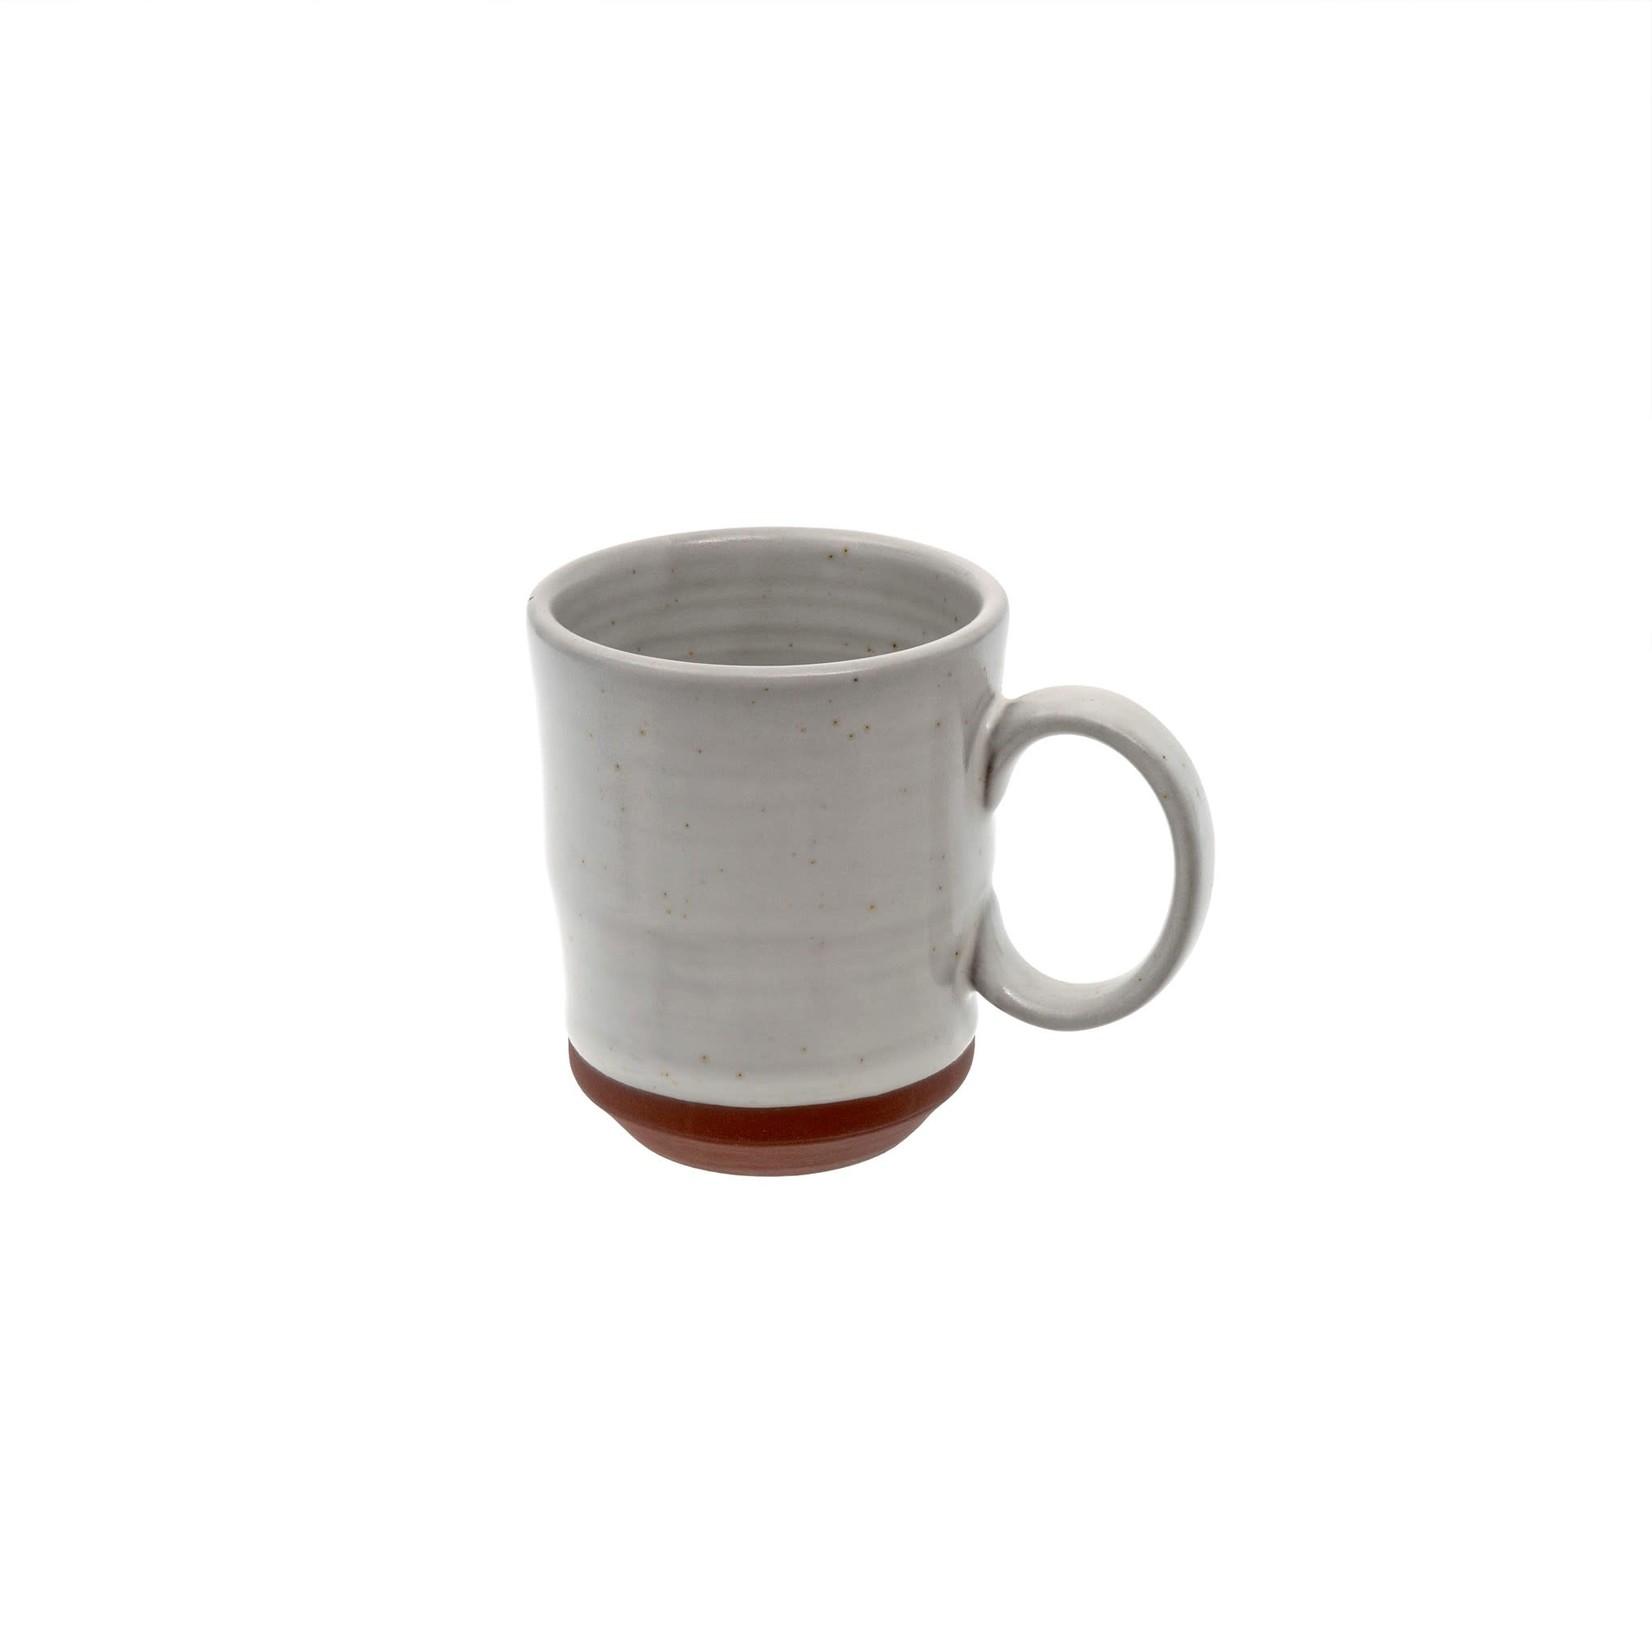 Canyon Mug